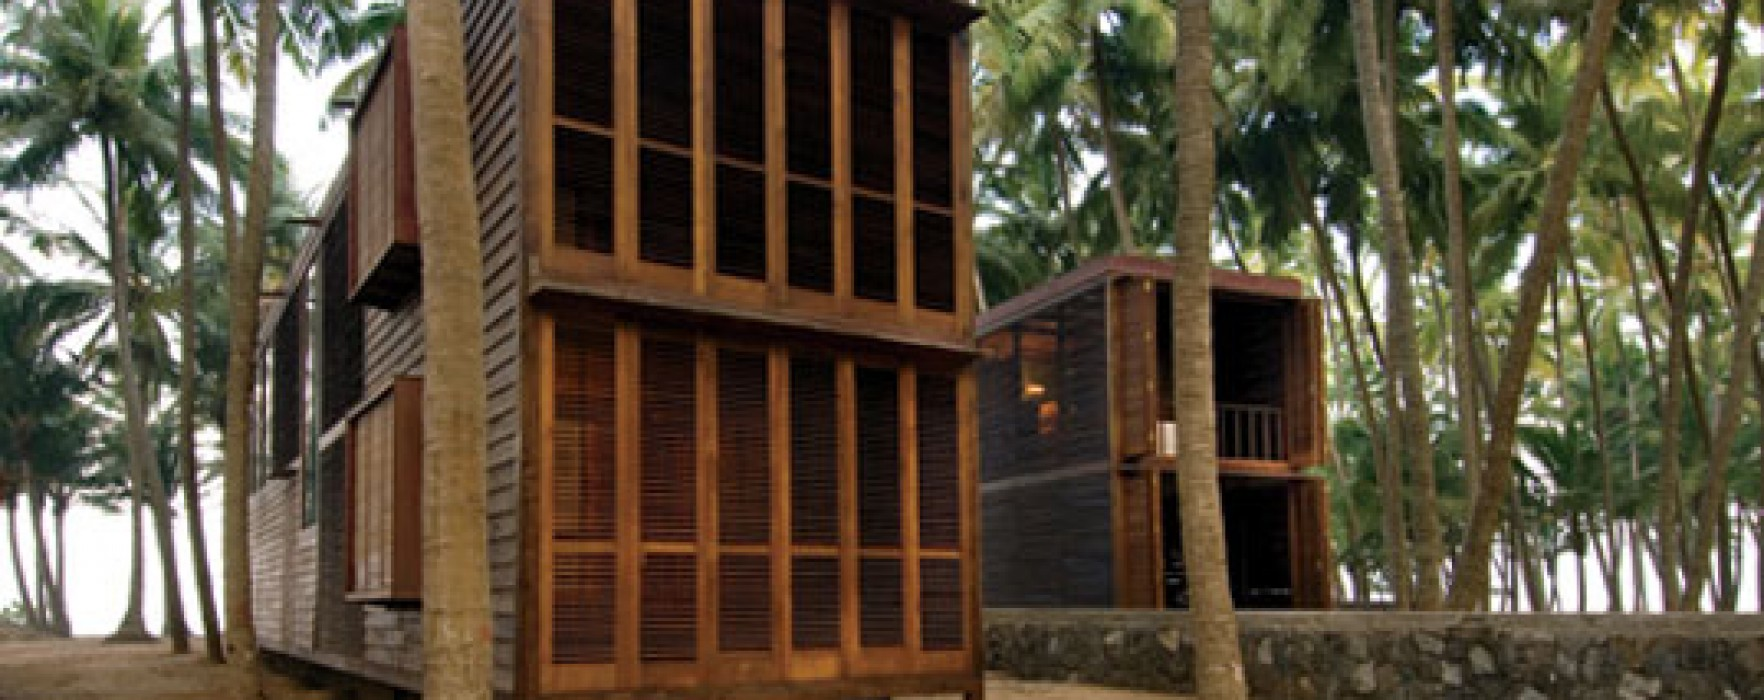 Case in legno senza riscaldamento for Case in legno senza fondamenta